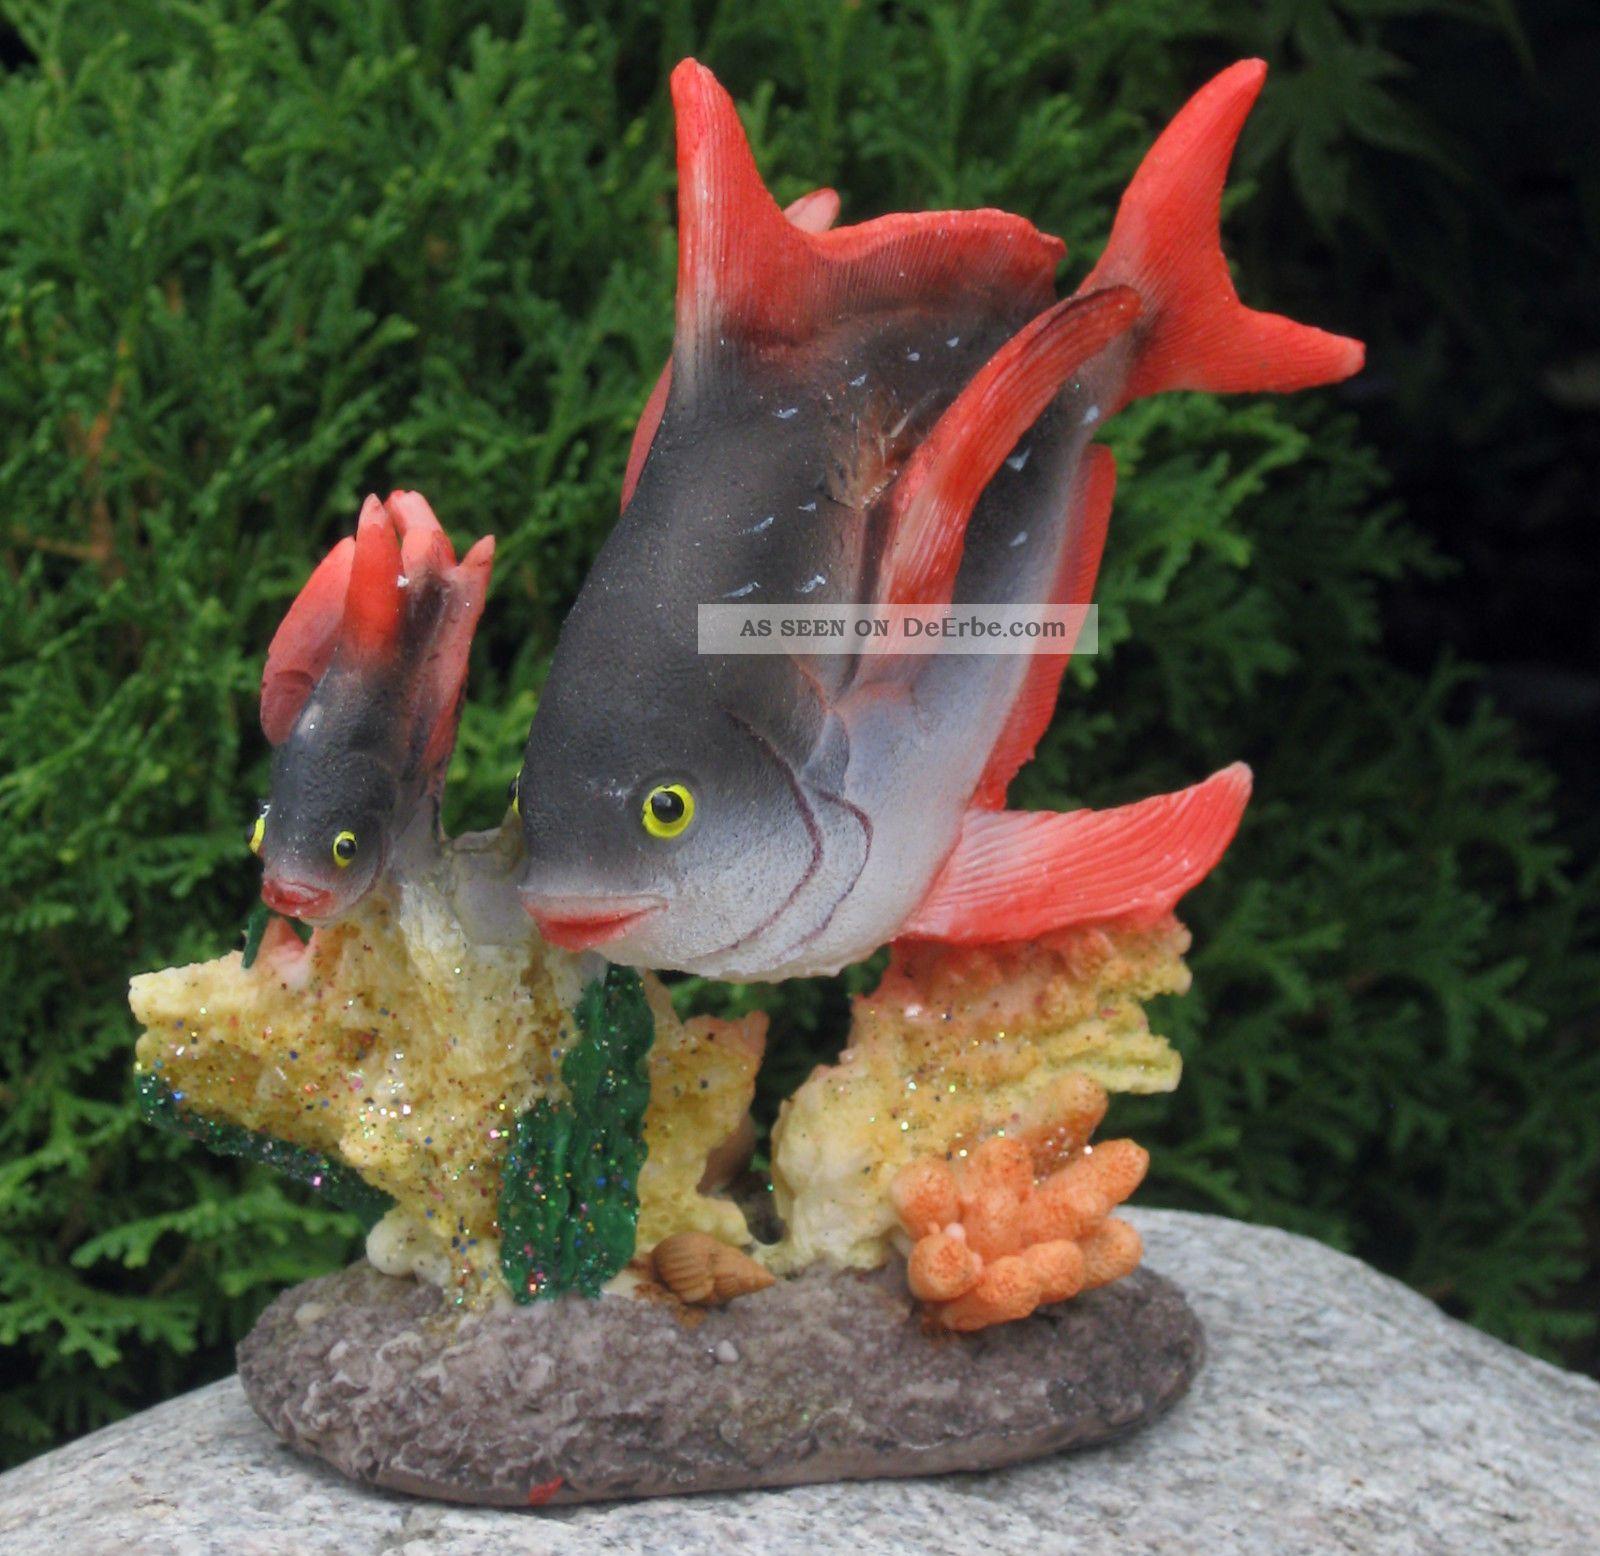 Fisch fische koralle maritim aquarium badezimmer bad figur for Deko fische plastik